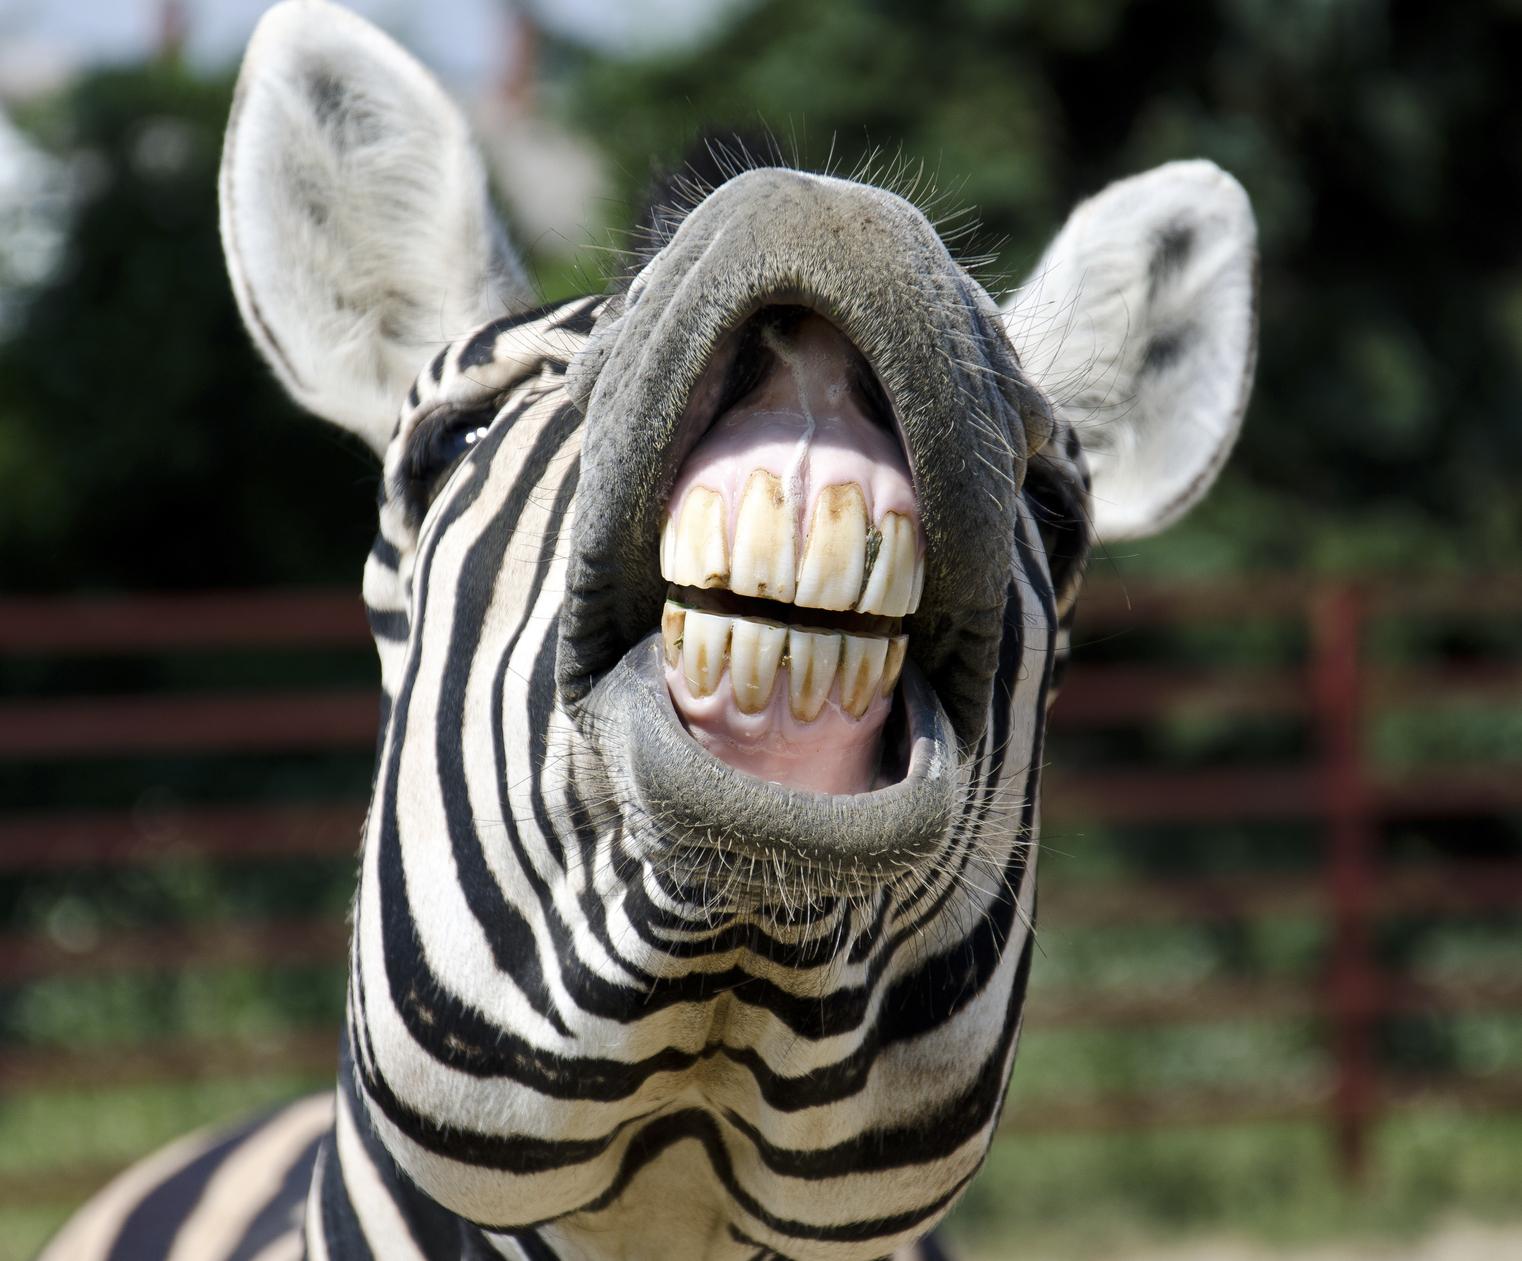 Zebra teeth